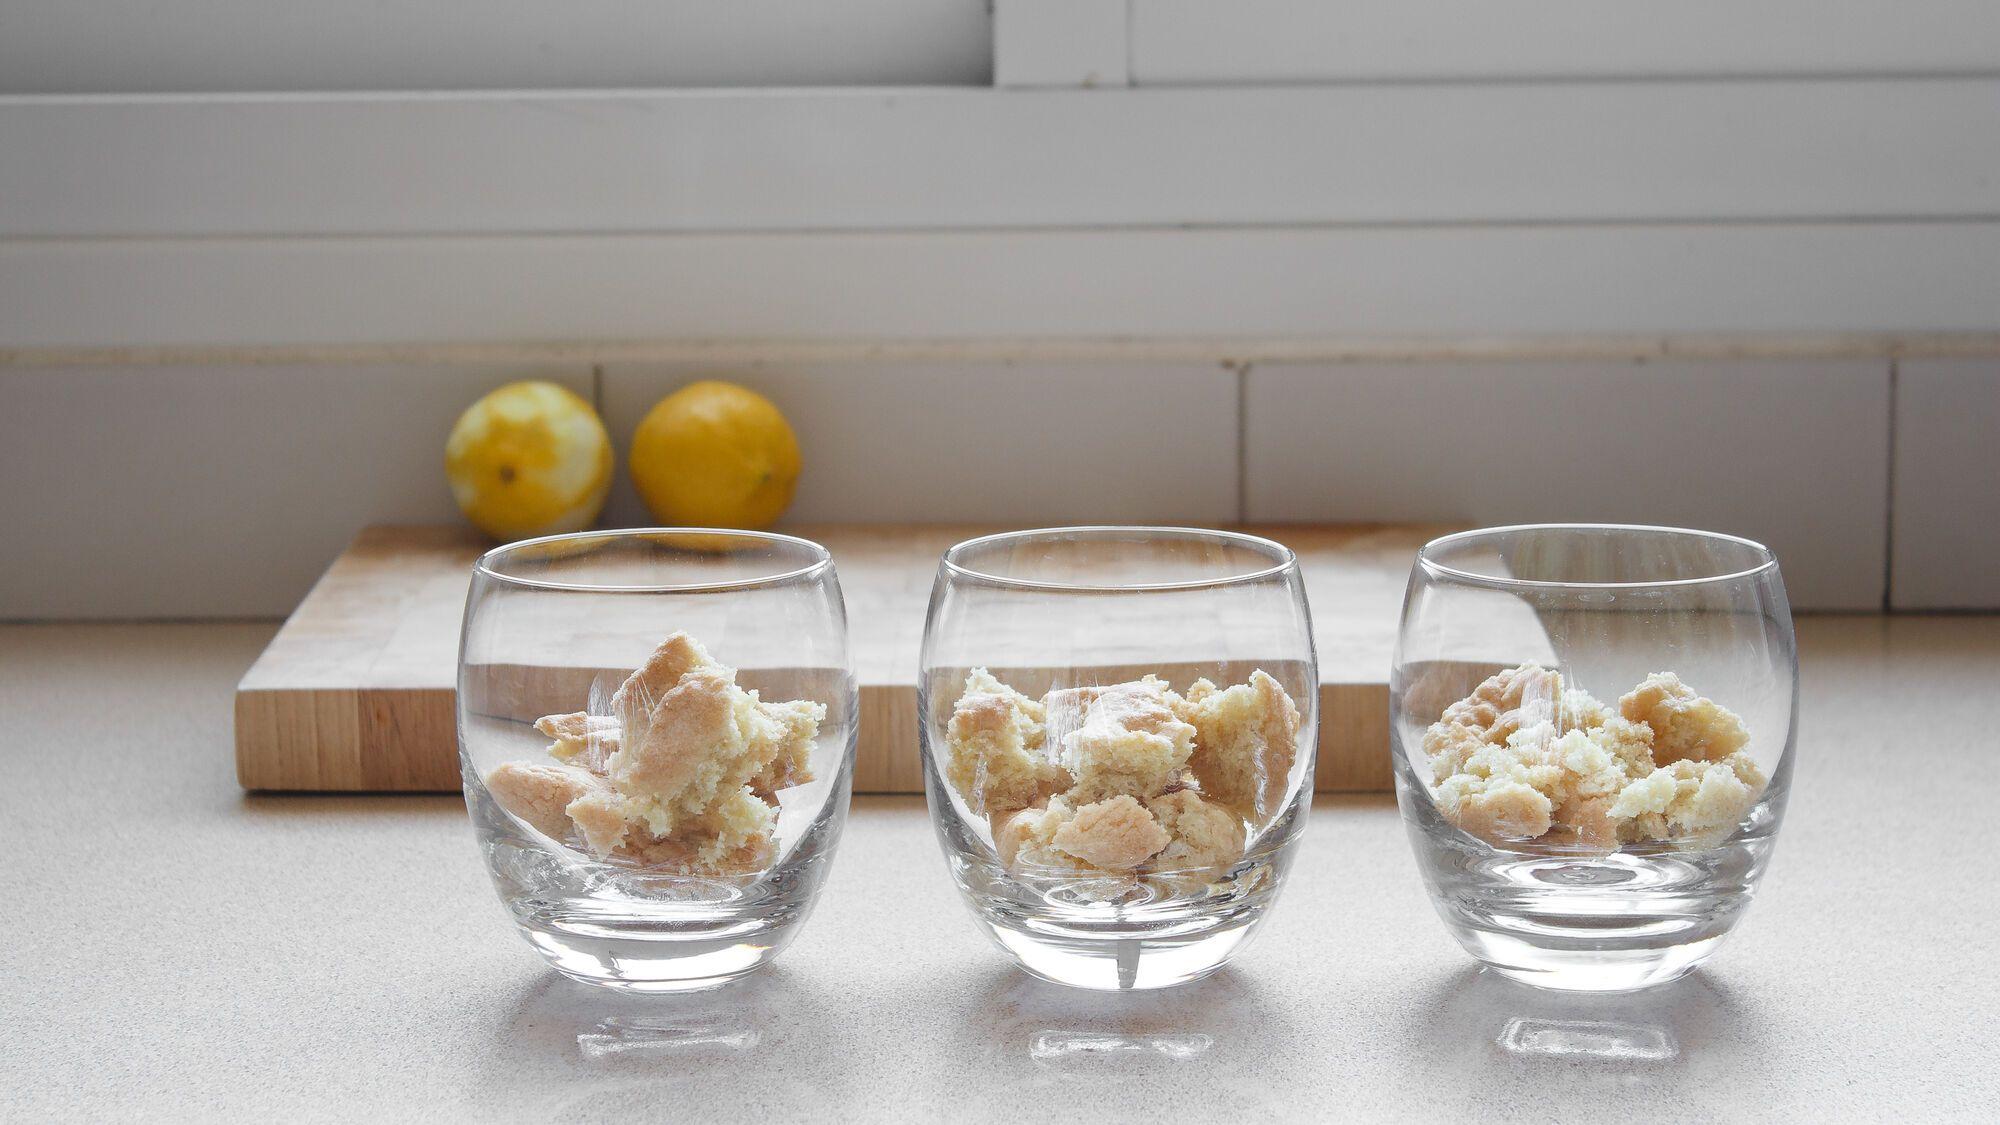 שוברים את בסיס הסבלה ברטון לפיסות בינוניות ומניחים בתחתית כוסות הגשה